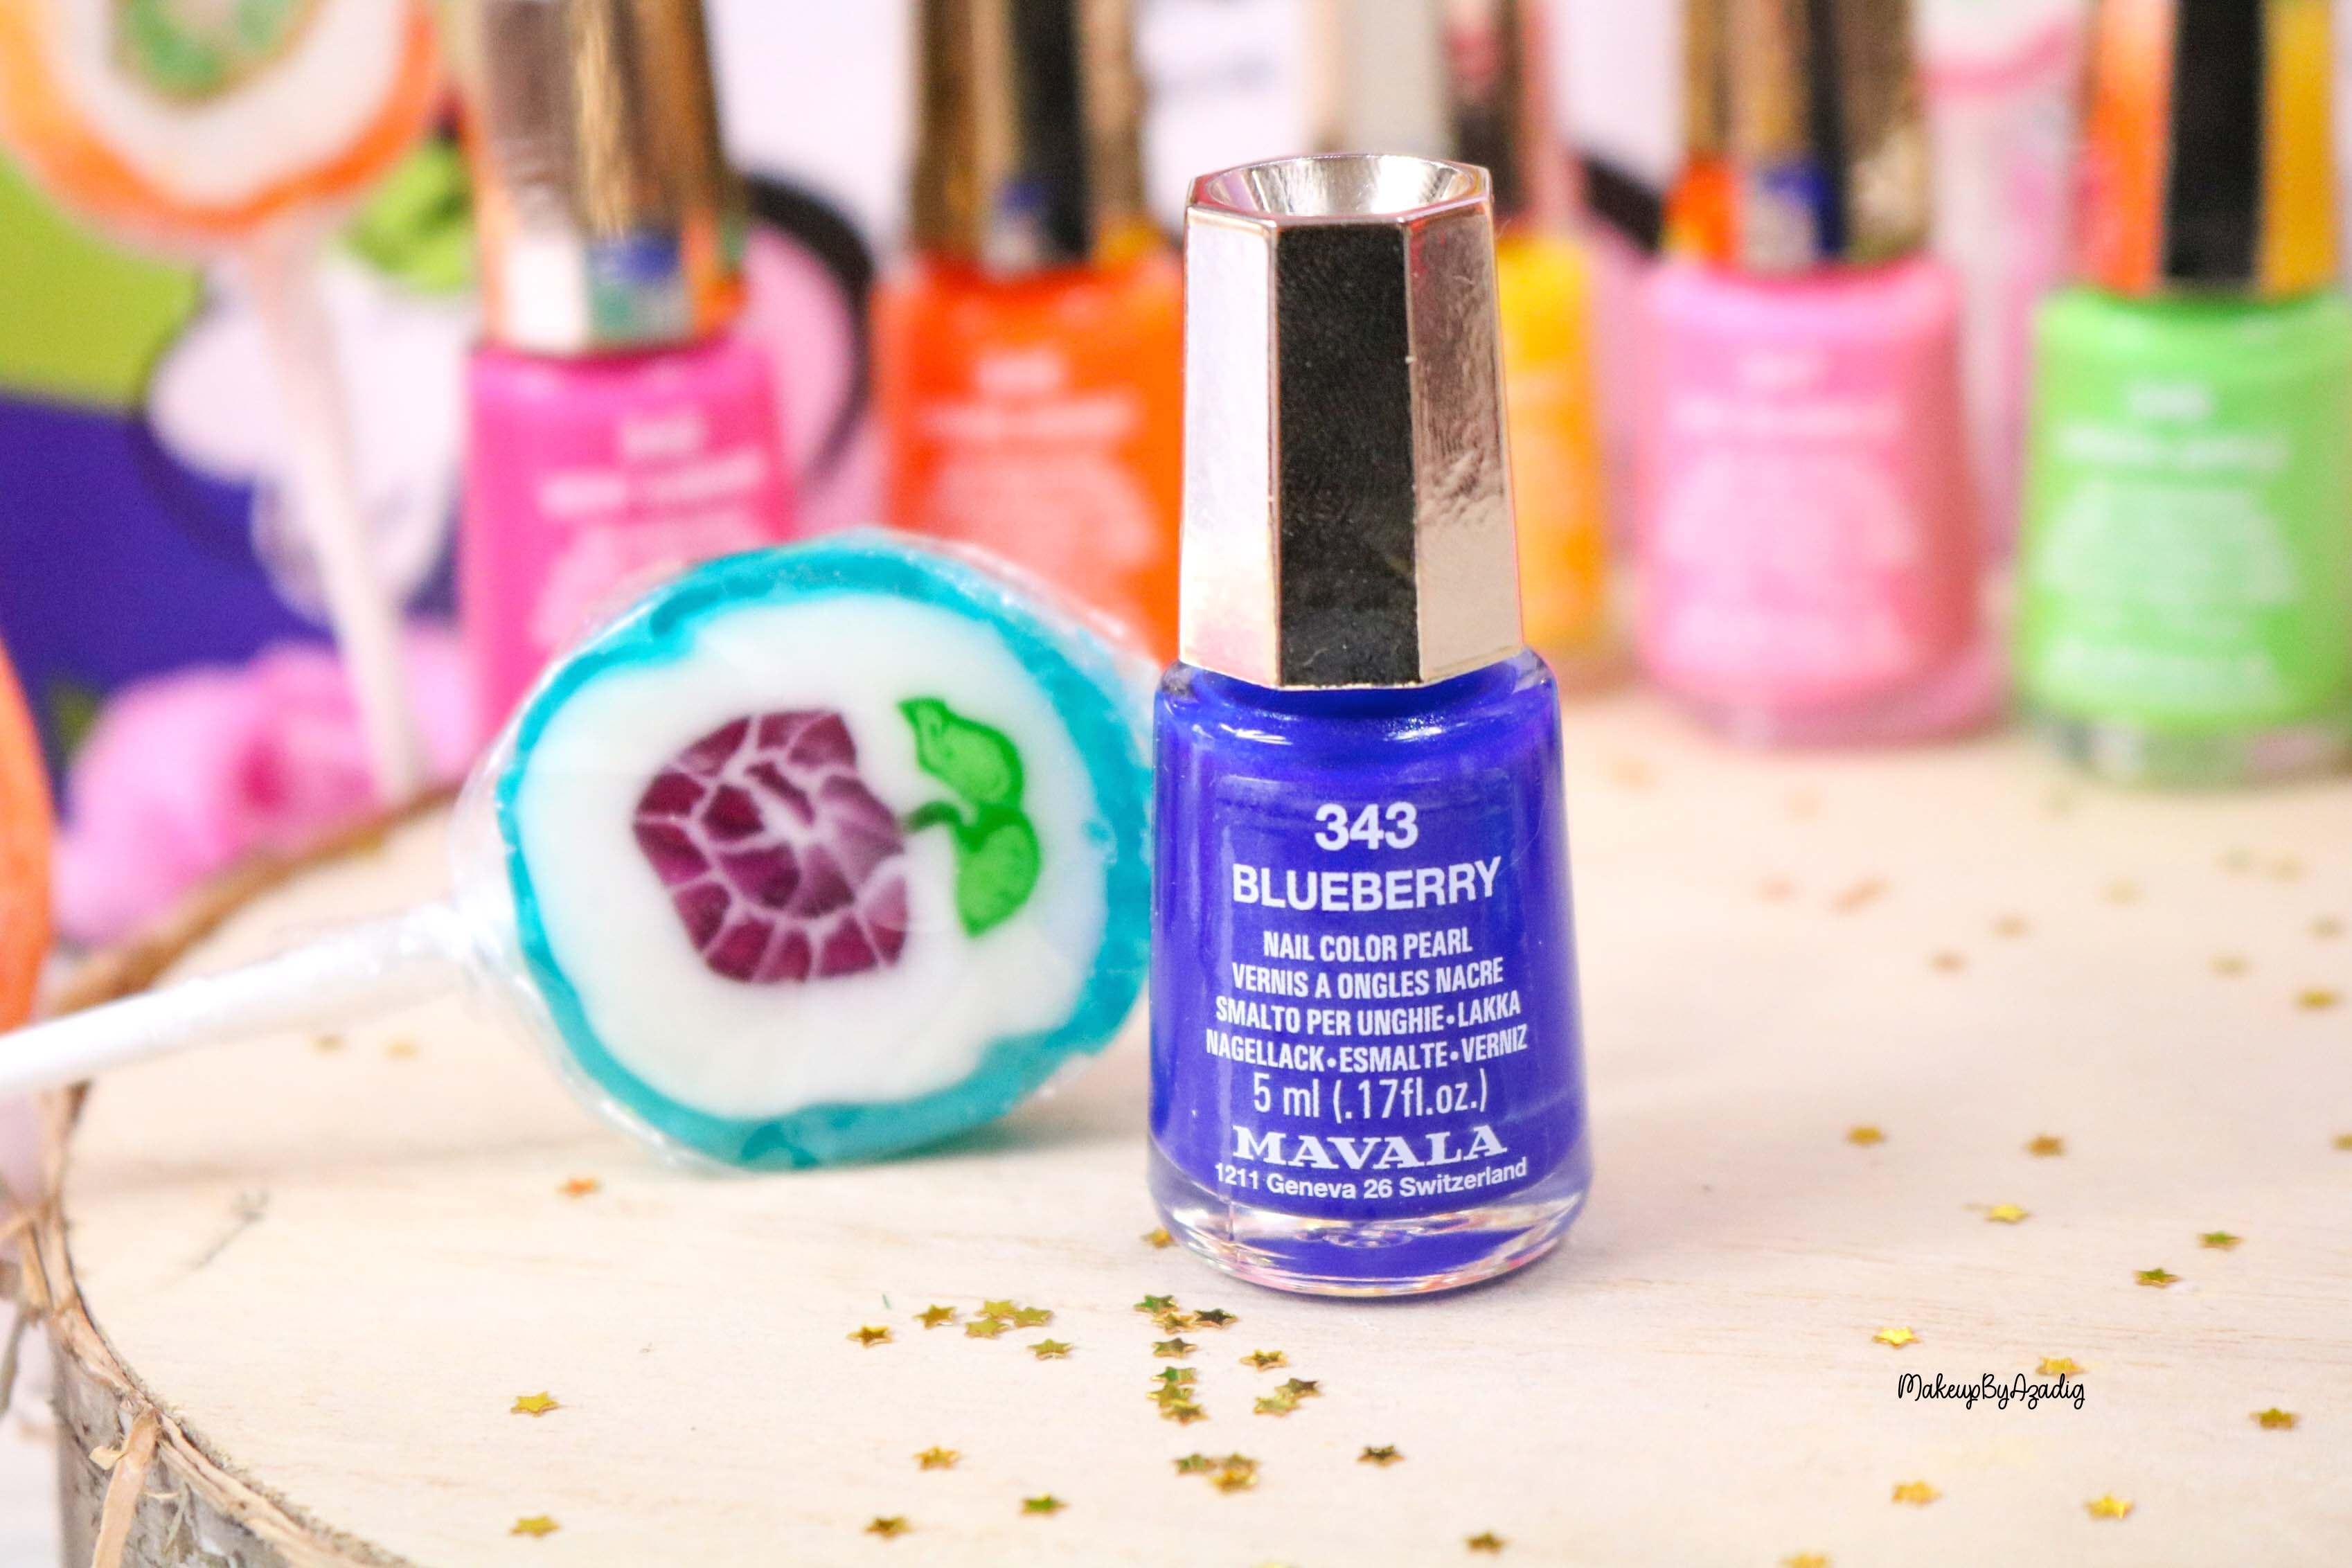 nouvelle-collection-vernis-tendance-printemps-ete-mavala-pas-cher-makeupbyazadig-avis-prix-monoprix-bubble-gum-blueberry